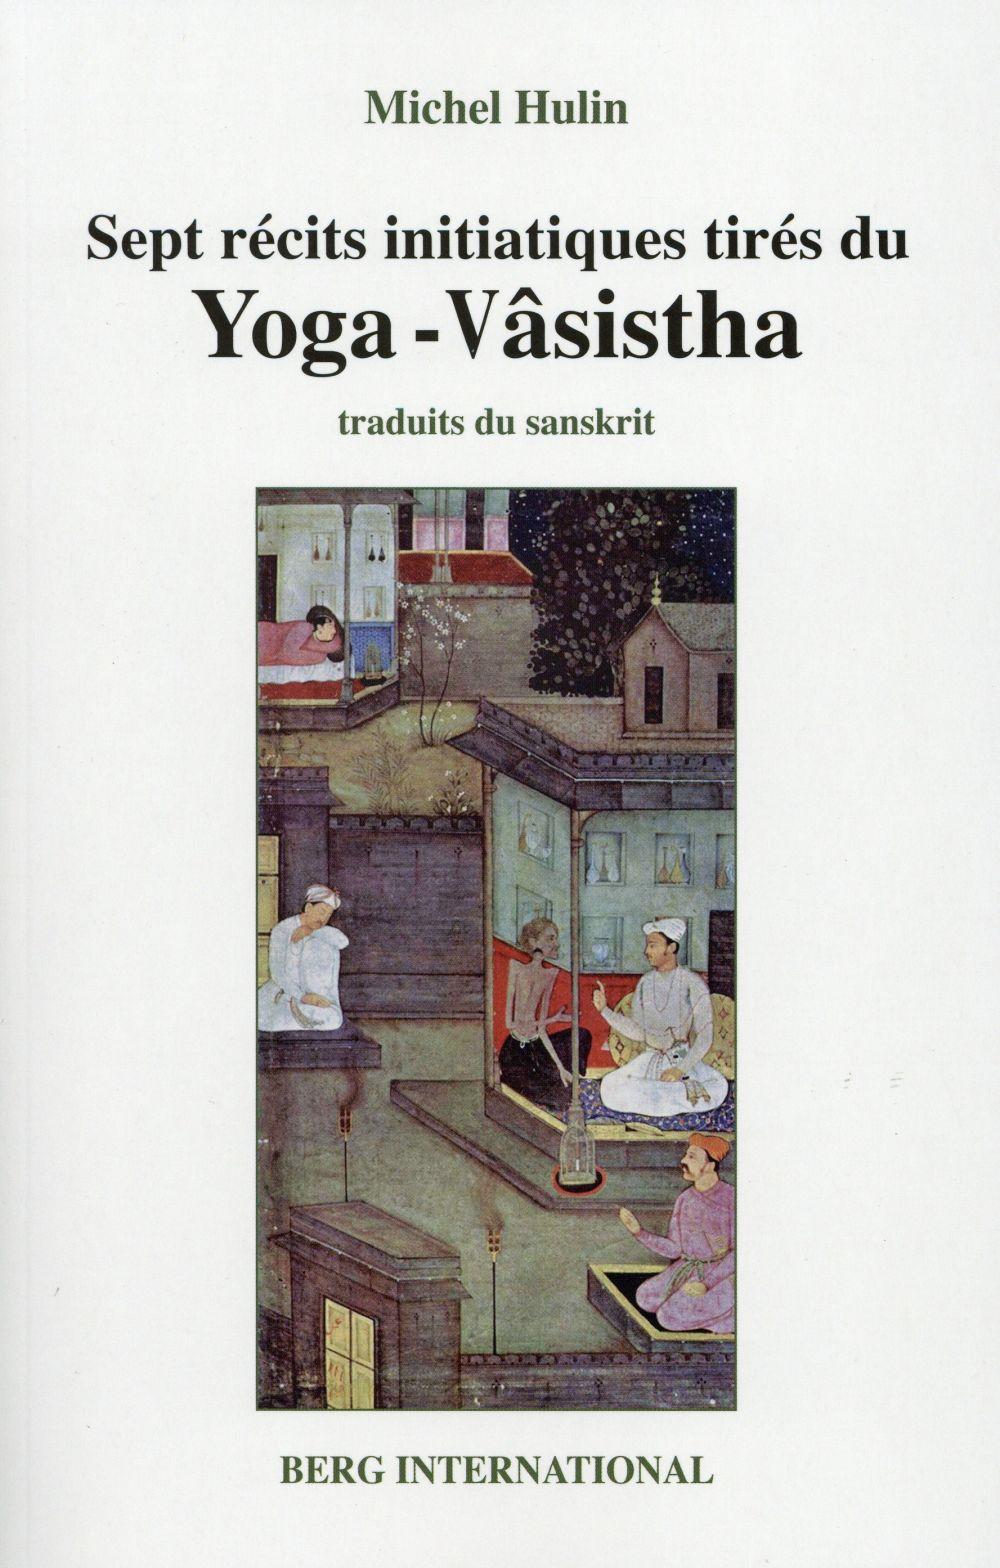 Sept récits initiatiques tirés du Yoga-Vâsistha